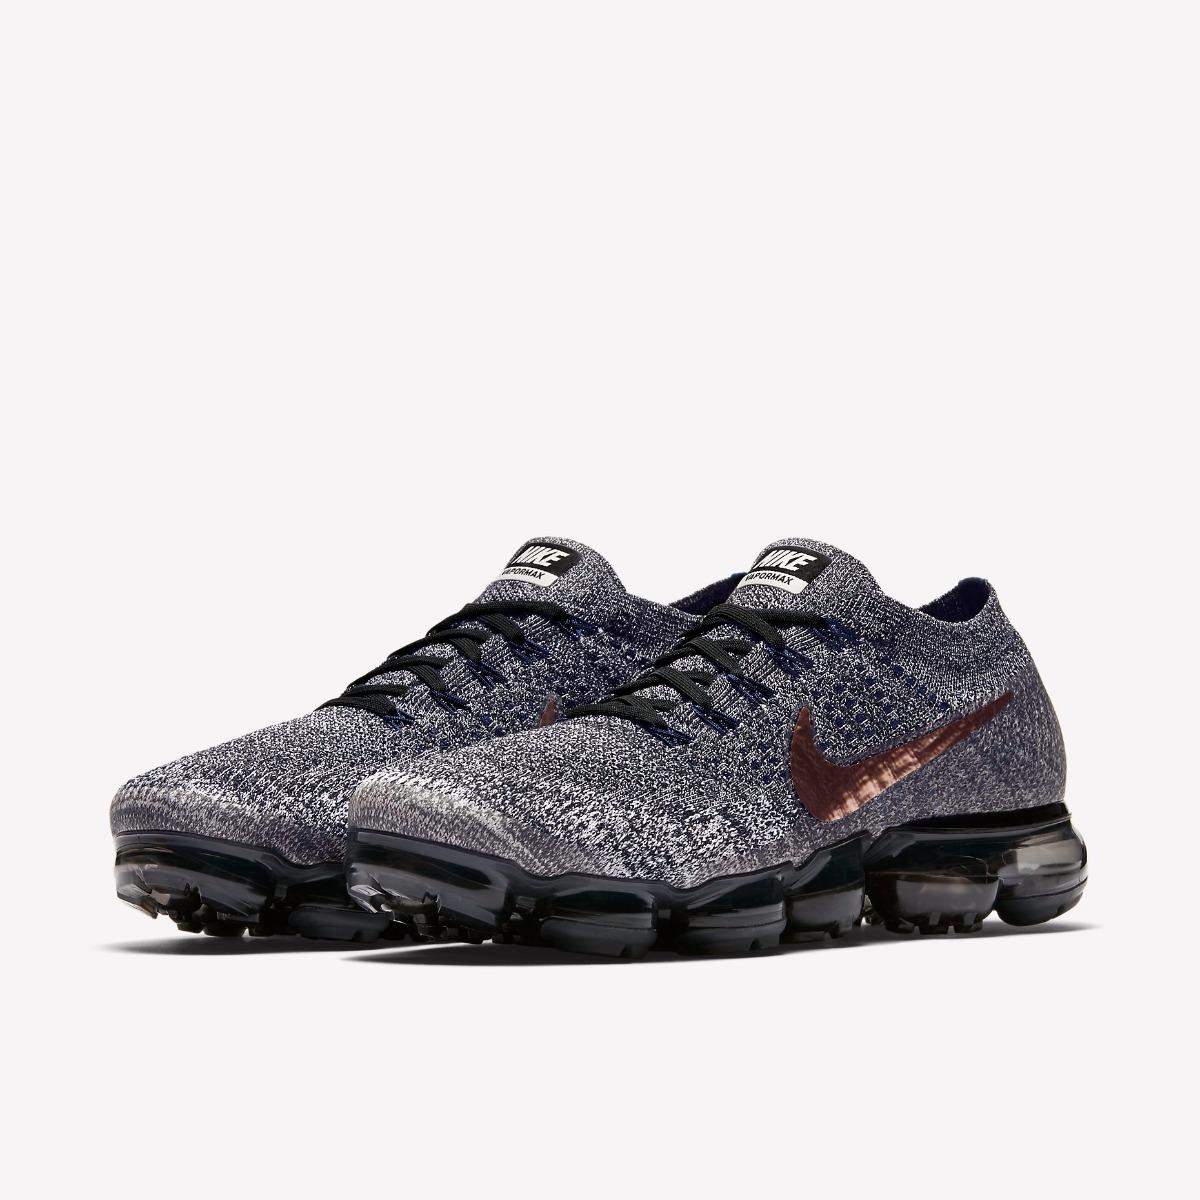 2018 Nike Air Vapor Max oro